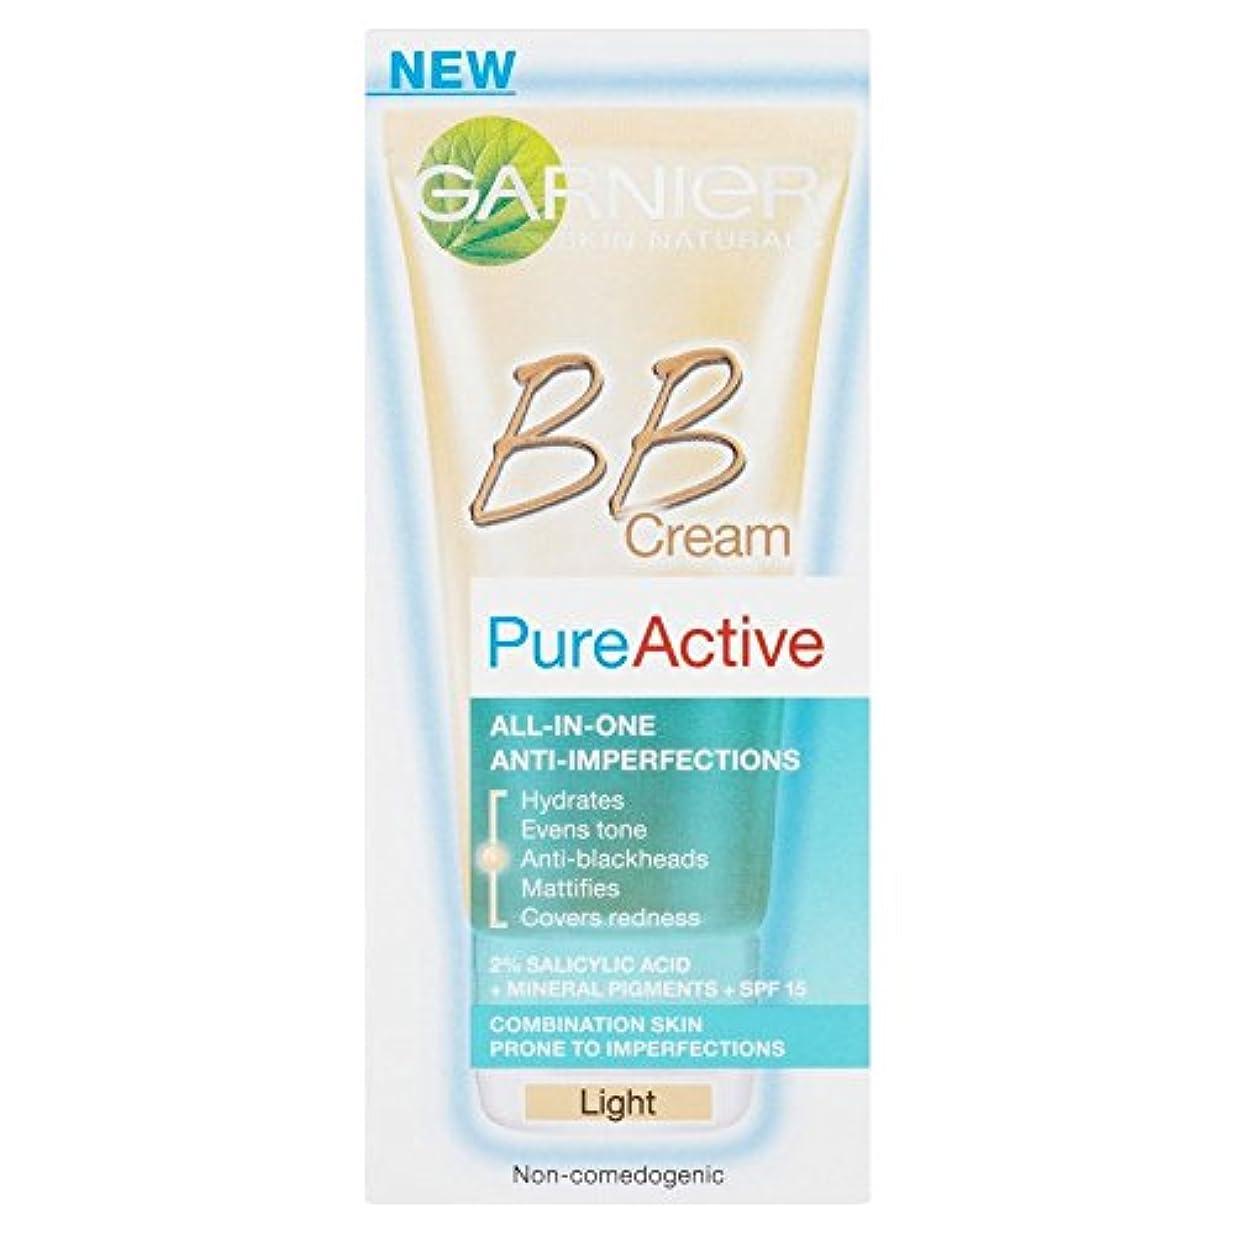 夜信頼性のある溢れんばかりのGarnier Pure Active BB Cream - Light (50ml) ガルニエ純粋な活性bbクリーム - 光( 50ミリリットル) [並行輸入品]